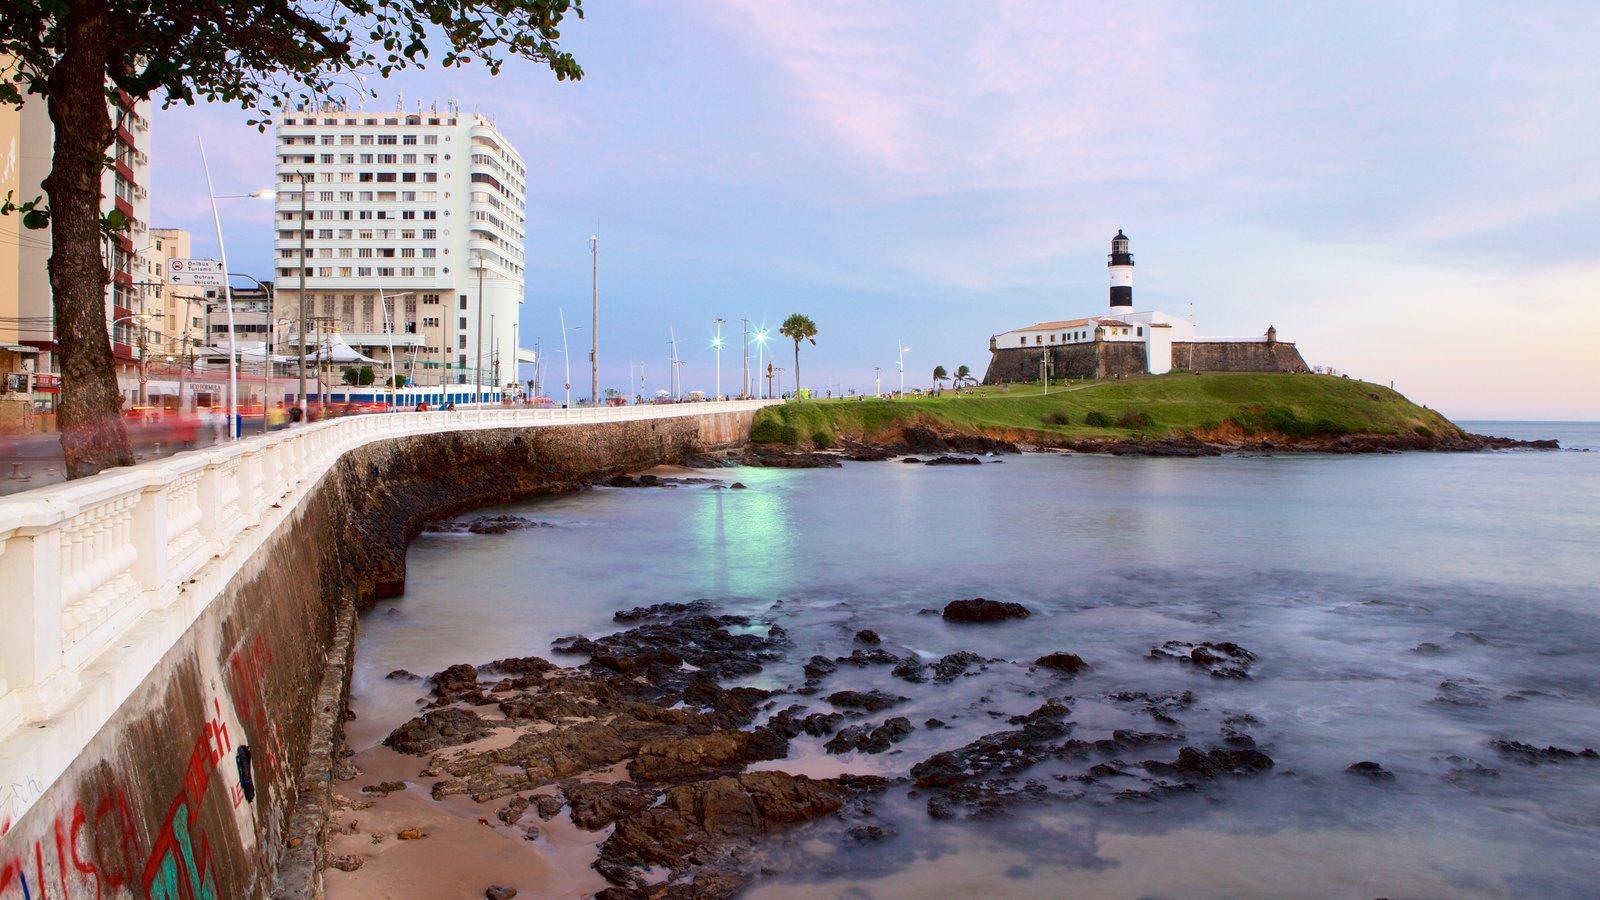 Praia do Farol da Barra que inclui um farol, paisagens litorâneas e uma cidade litorânea